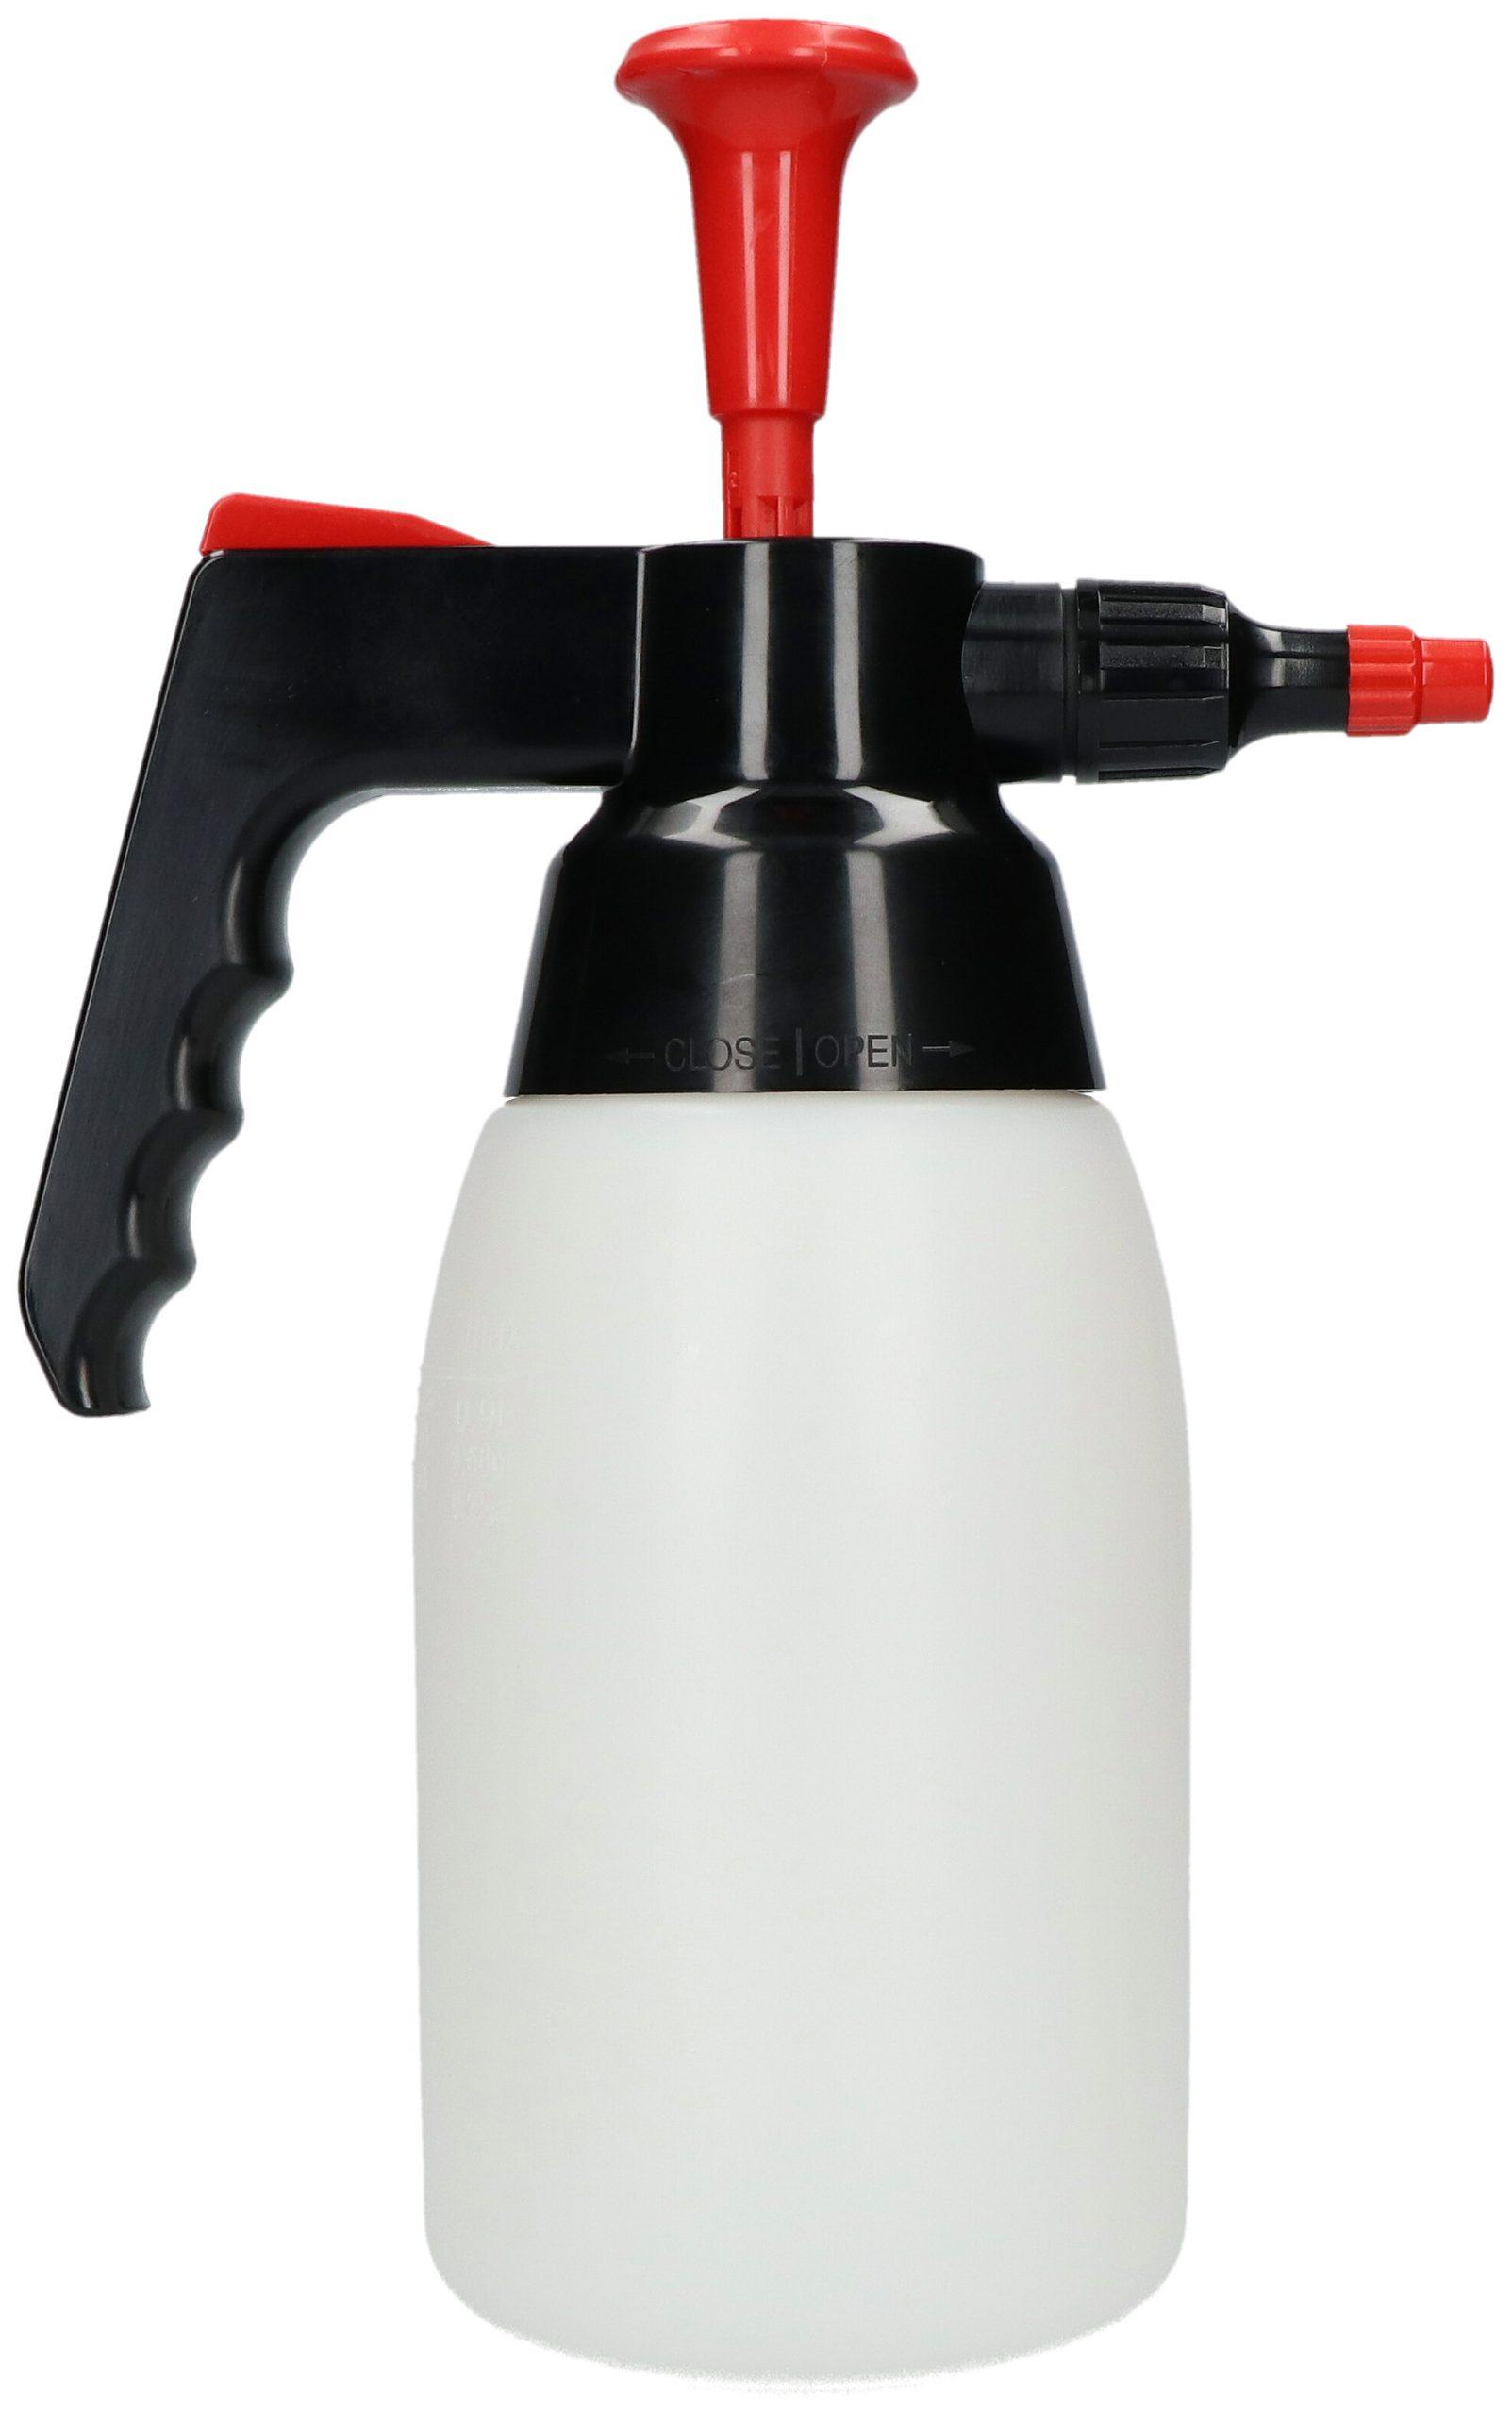 Pressure Spray Bottles 1Ltr